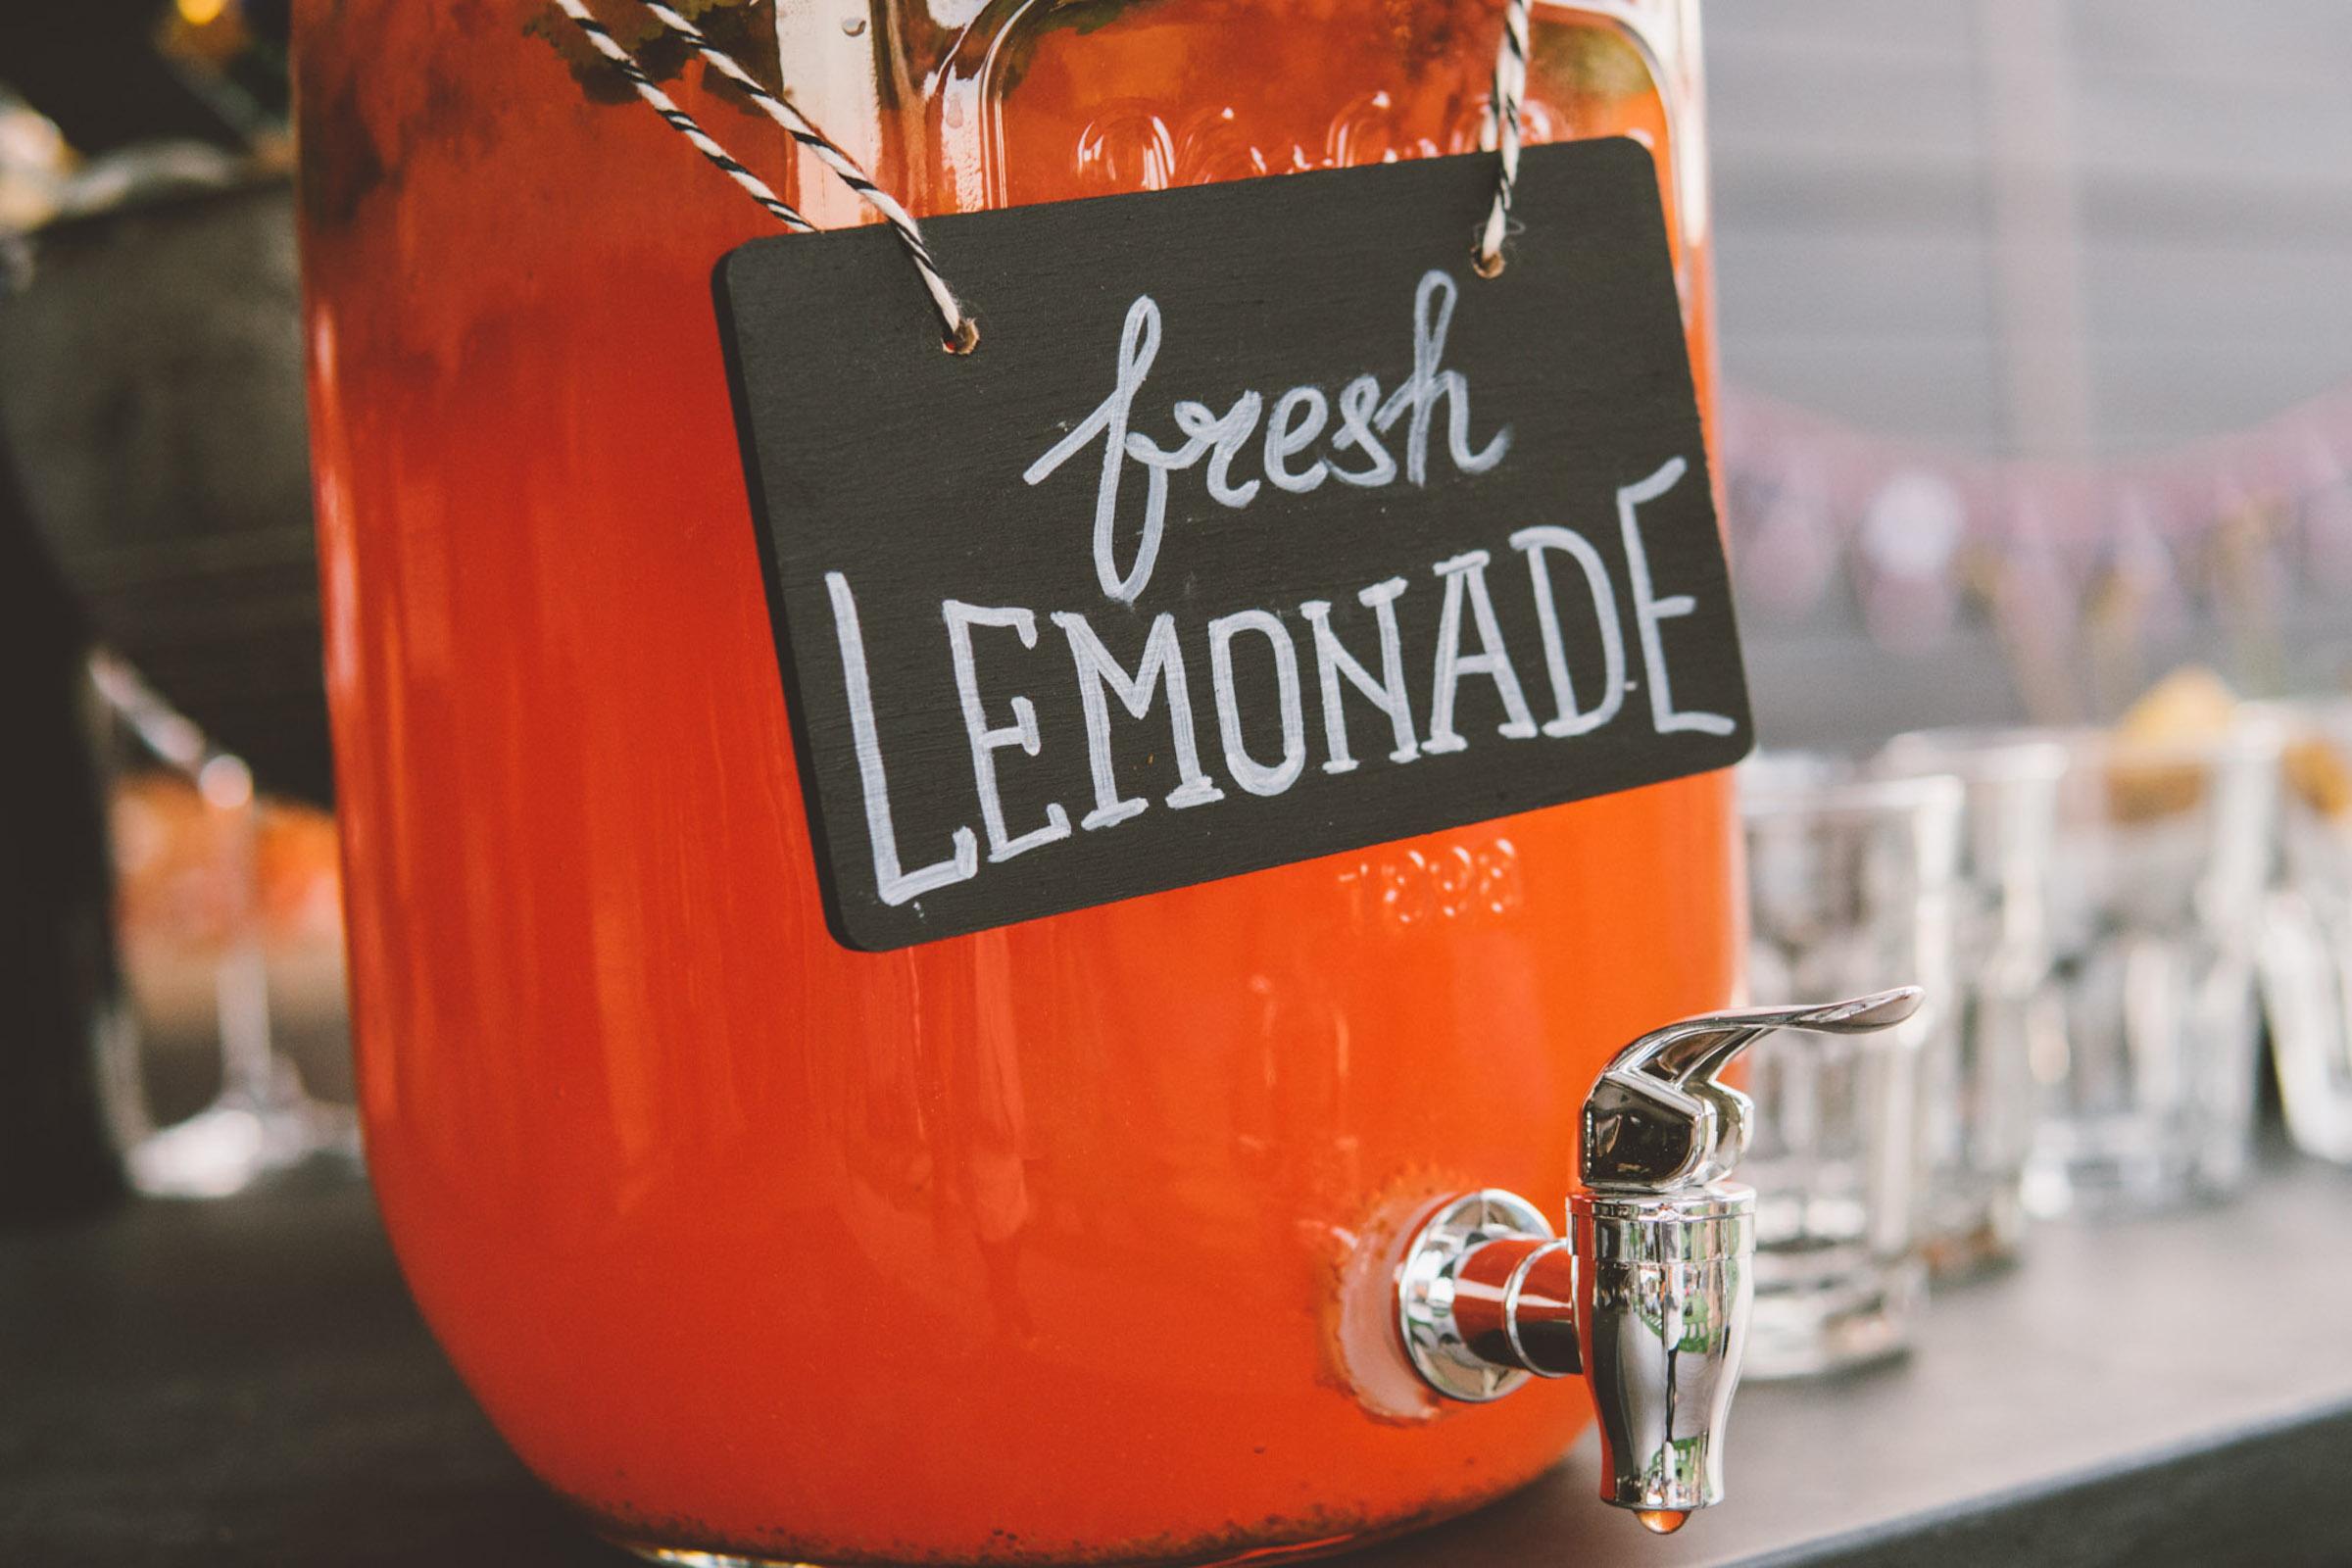 Mobile | Cocktailbar | Hochzeit | Sektempfang | Barkeeper | Buchen | Mieten | Geburtstag | Ape | VW | Bar | Getränke | Catering | Foodtruck | Ginbar | Weinbar | Sektbar | Kaffeebar | Messe | Bowle